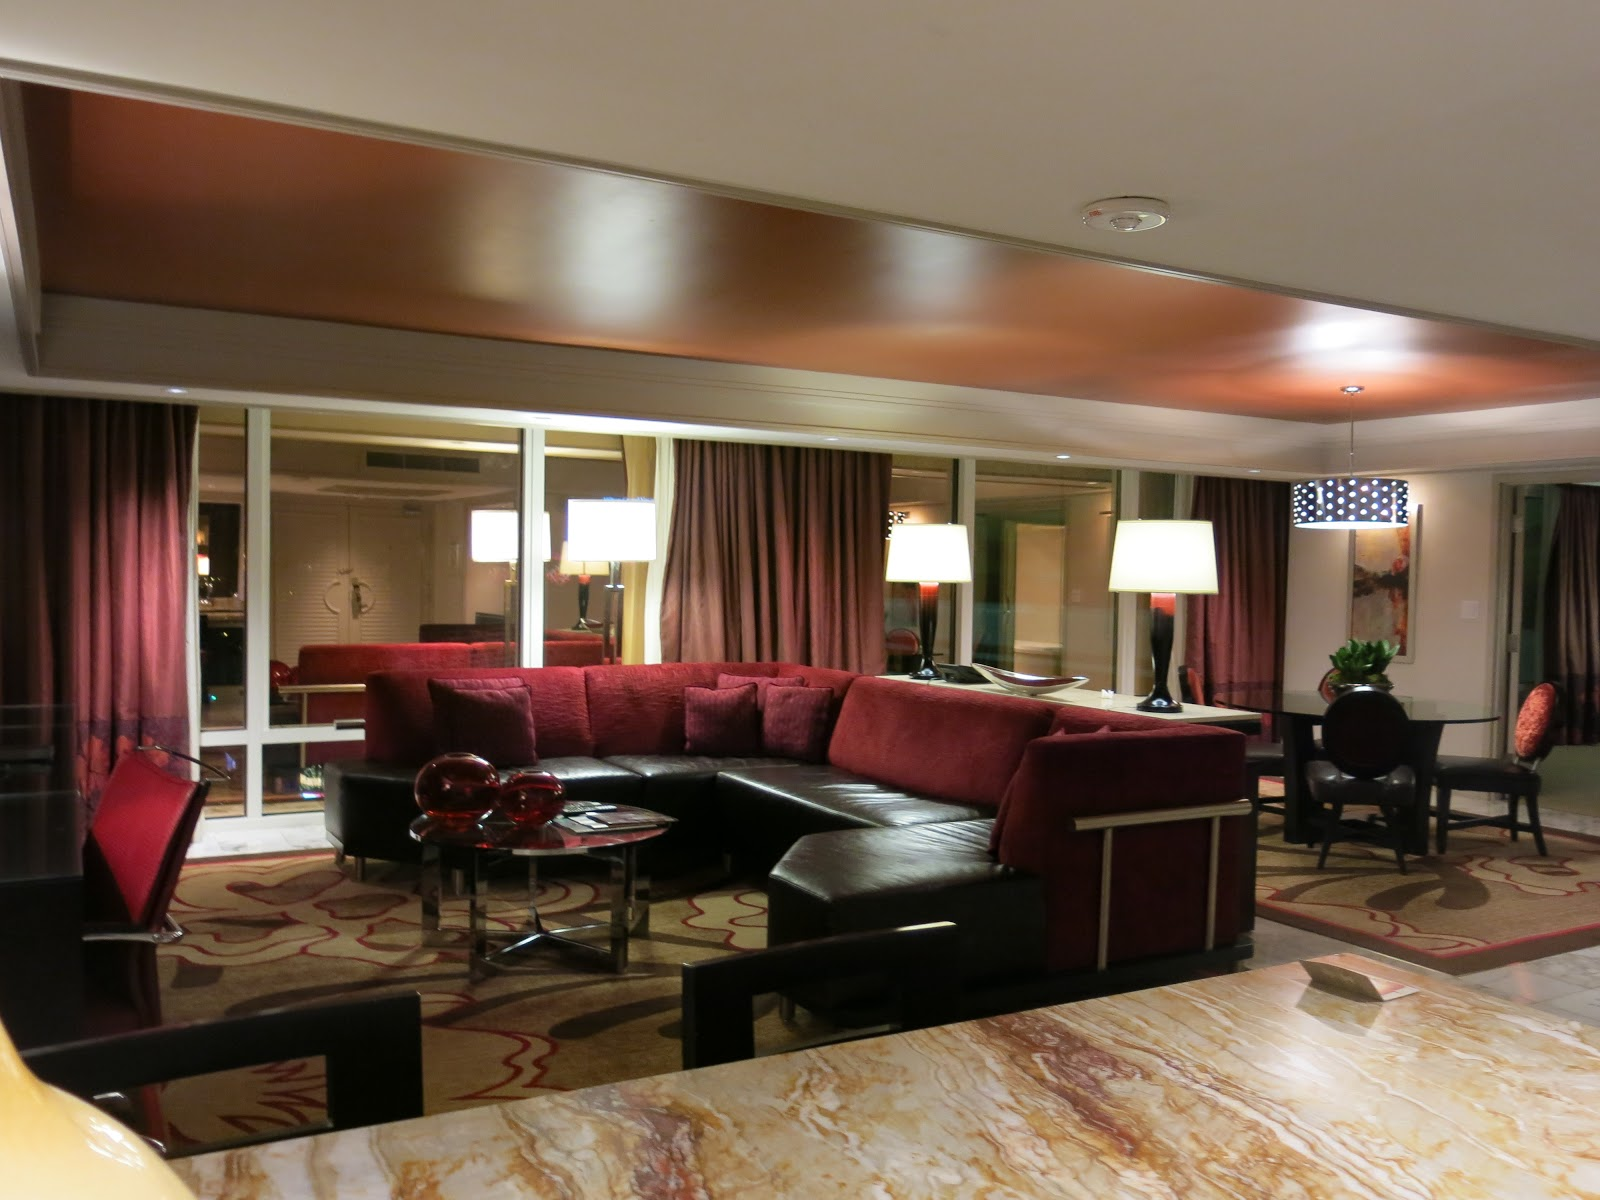 Las Vegas 2 Bedroom Suites Deals Mirage 2 Bedroom Tower Suite Floor Plan